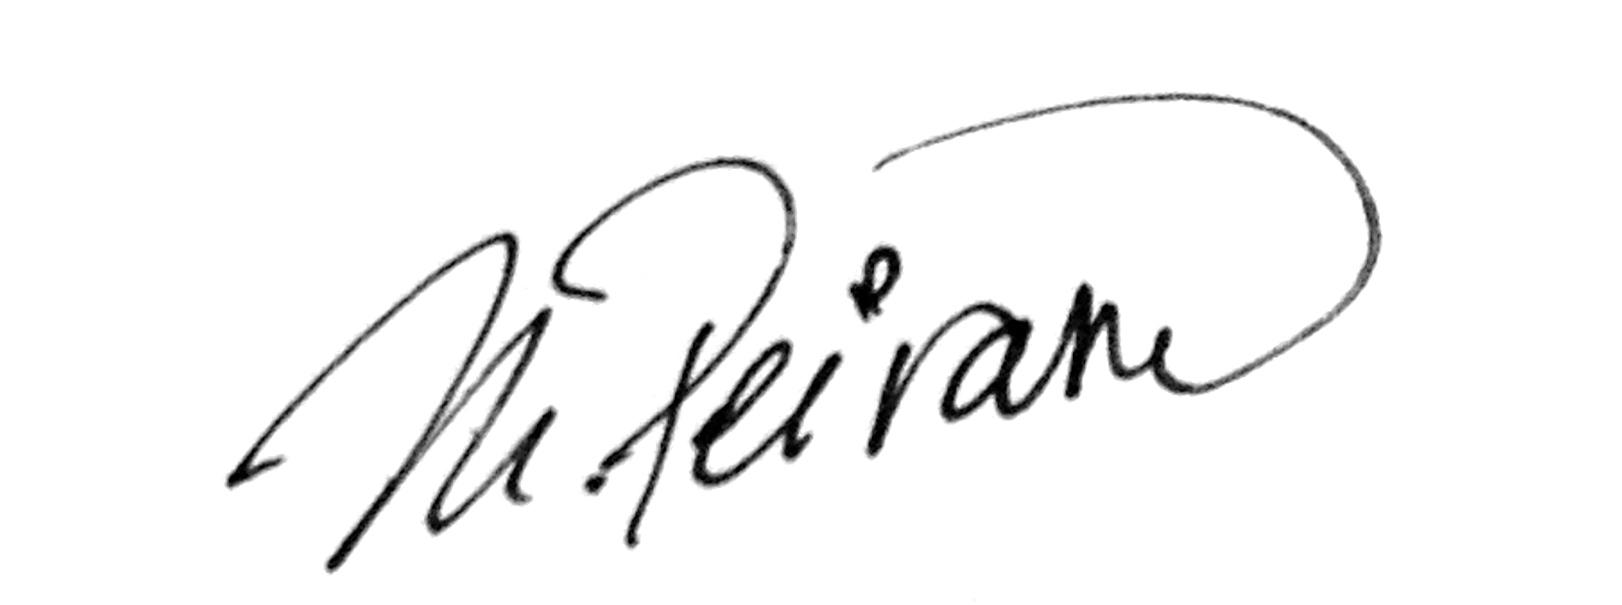 Mariana Peirano's Signature